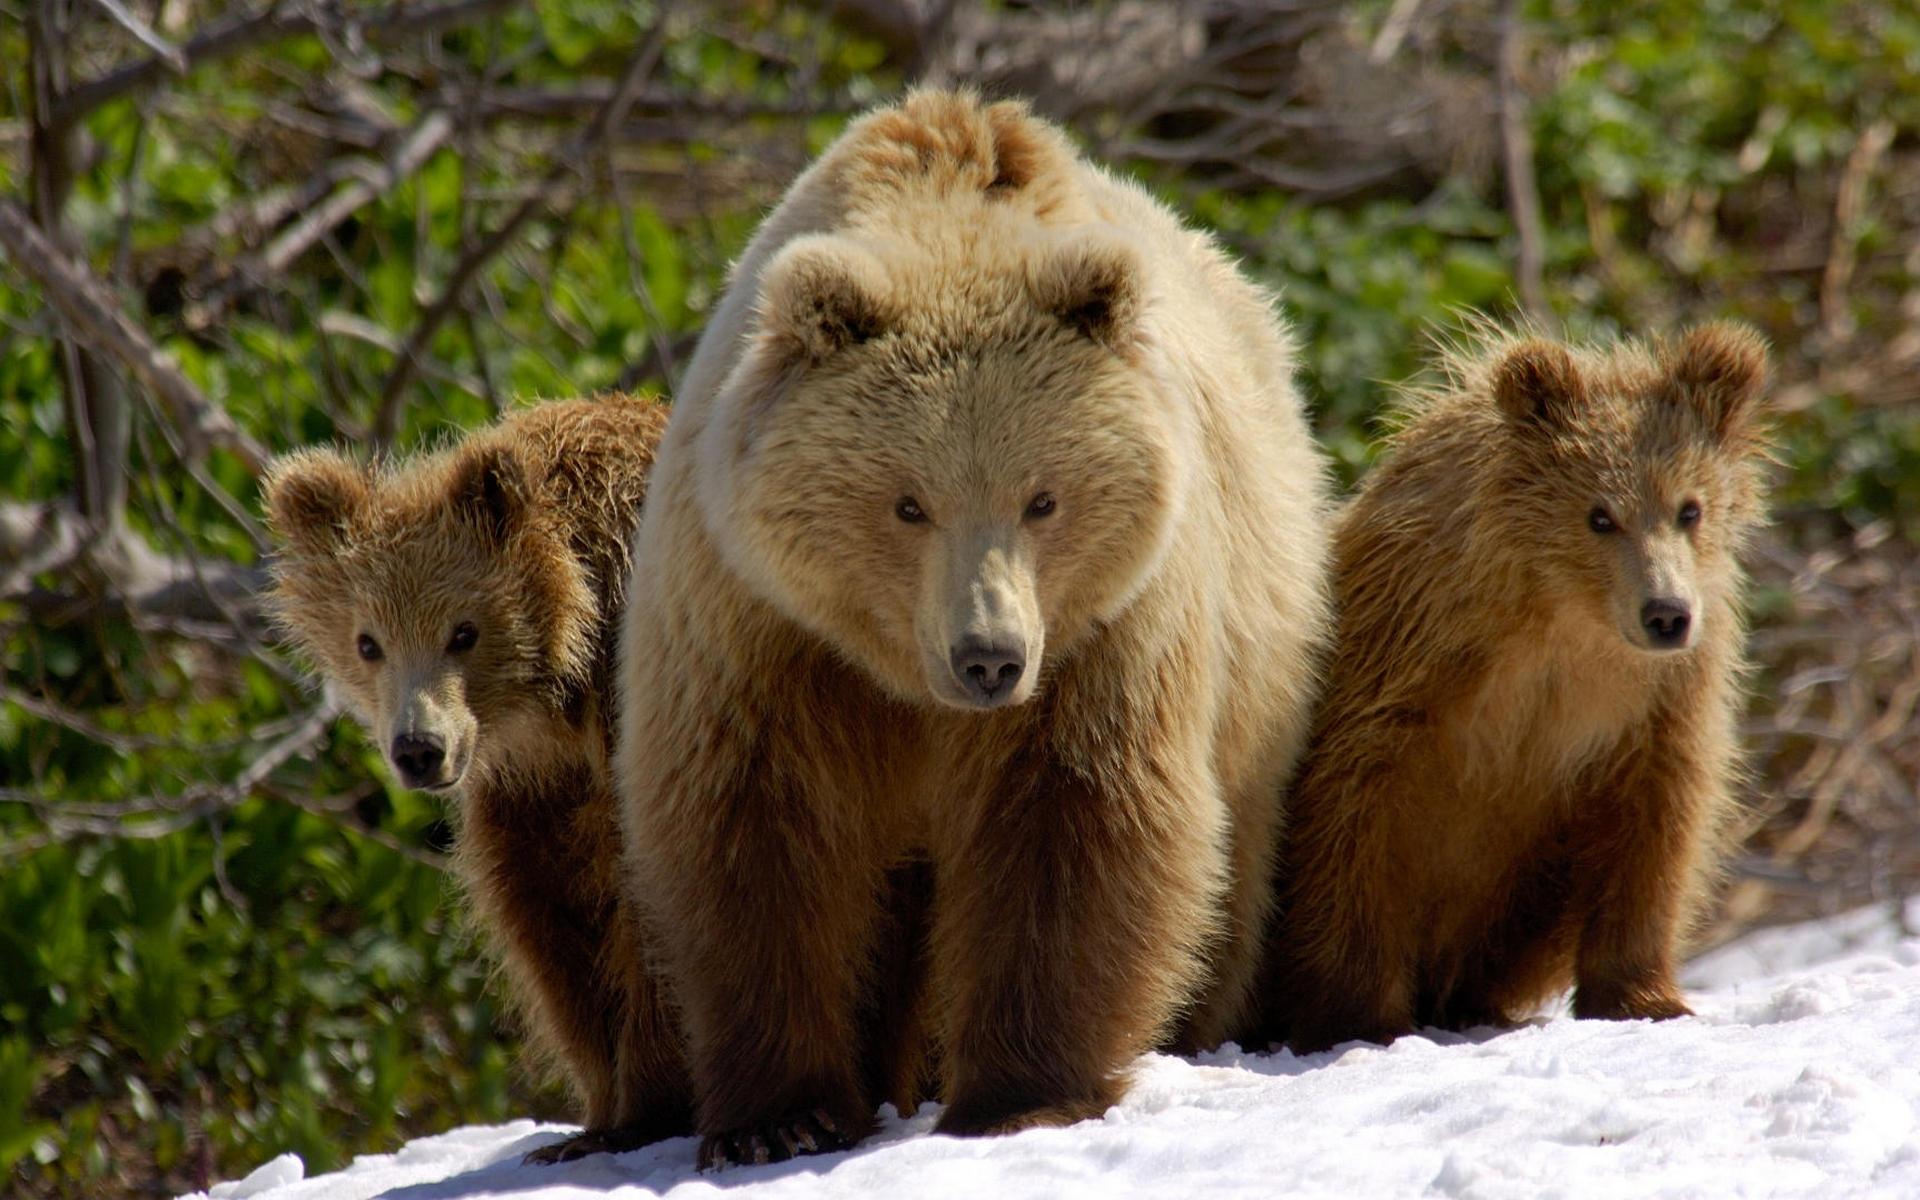 38635 Заставки и Обои Медведи на телефон. Скачать Медведи, Животные картинки бесплатно